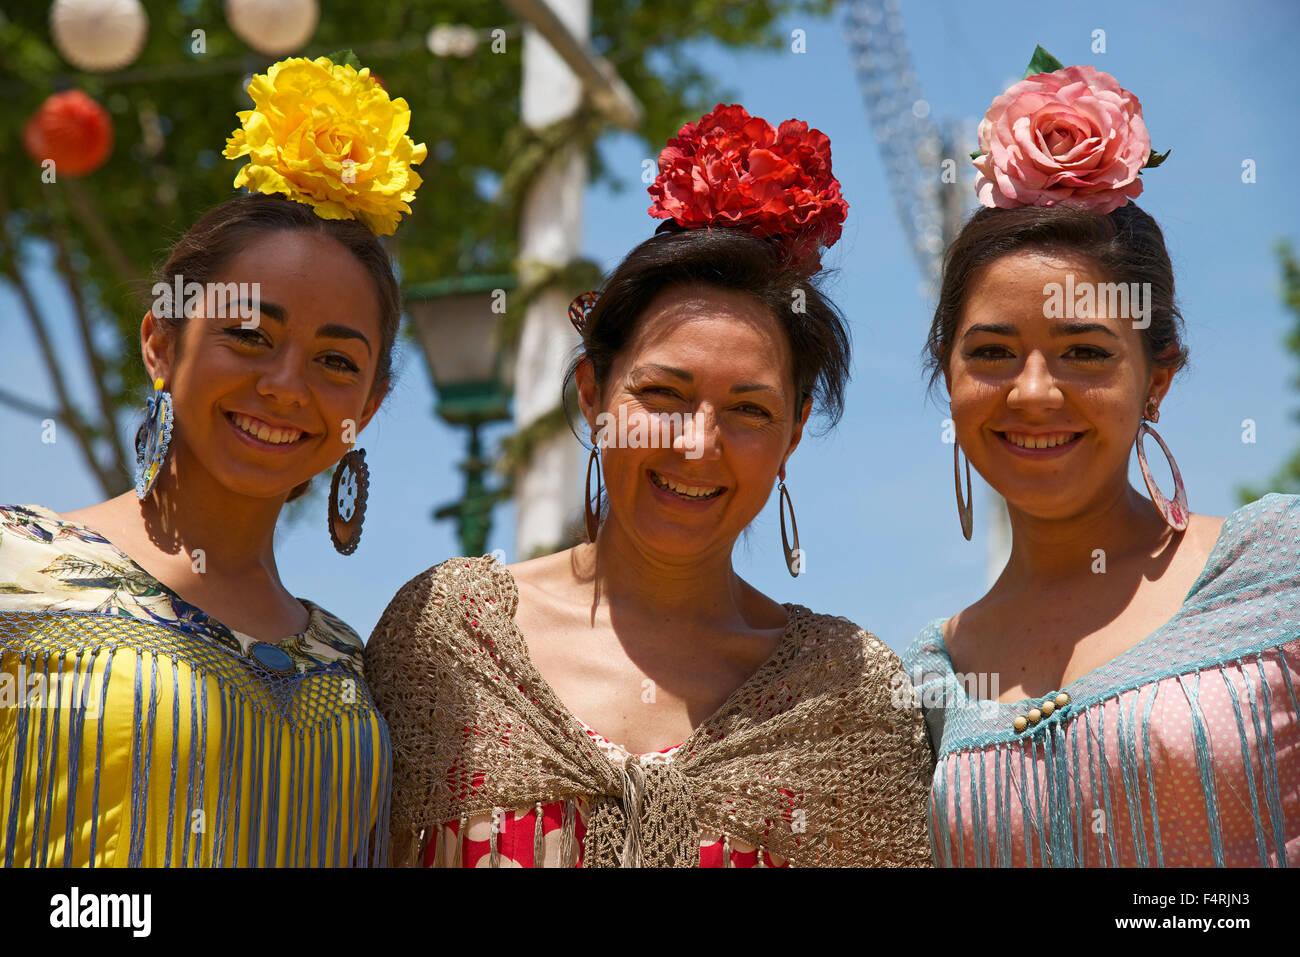 Andalucía, España, Europa, exterior, día, mujer, persona, gente, el flamenco, la tradición, Imagen De Stock